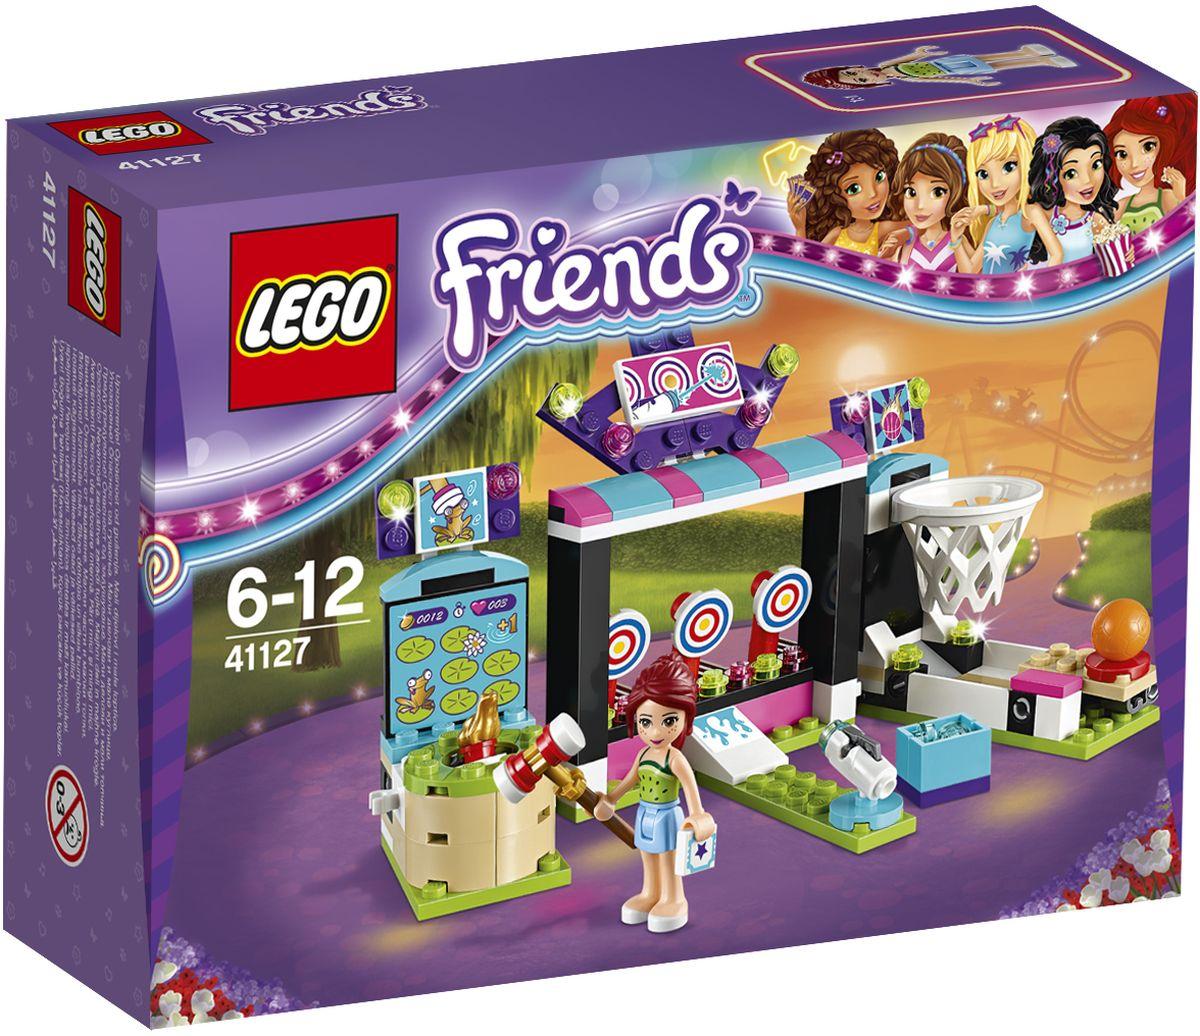 LEGO Friends Конструктор Парк развлечений Игровые автоматы 4112741127Мия играет в галерее игровых автоматов и отлично проводит время! Помогите ей попасть баскетбольным мячом в обруч, а когда у нее это получится, переходите к стрельбе из водяных пистолетов и попробуйте сбить мишени. А потом бейте лягушку молотком, чтобы попасть как можно больше раз. Мия собирается веселиться тут весь день. Набор включает в себя 174 разноцветных пластиковых элемента. Конструктор - это один из самых увлекательных и веселых способов времяпрепровождения. Ребенок сможет часами играть с конструктором, придумывая различные ситуации и истории.